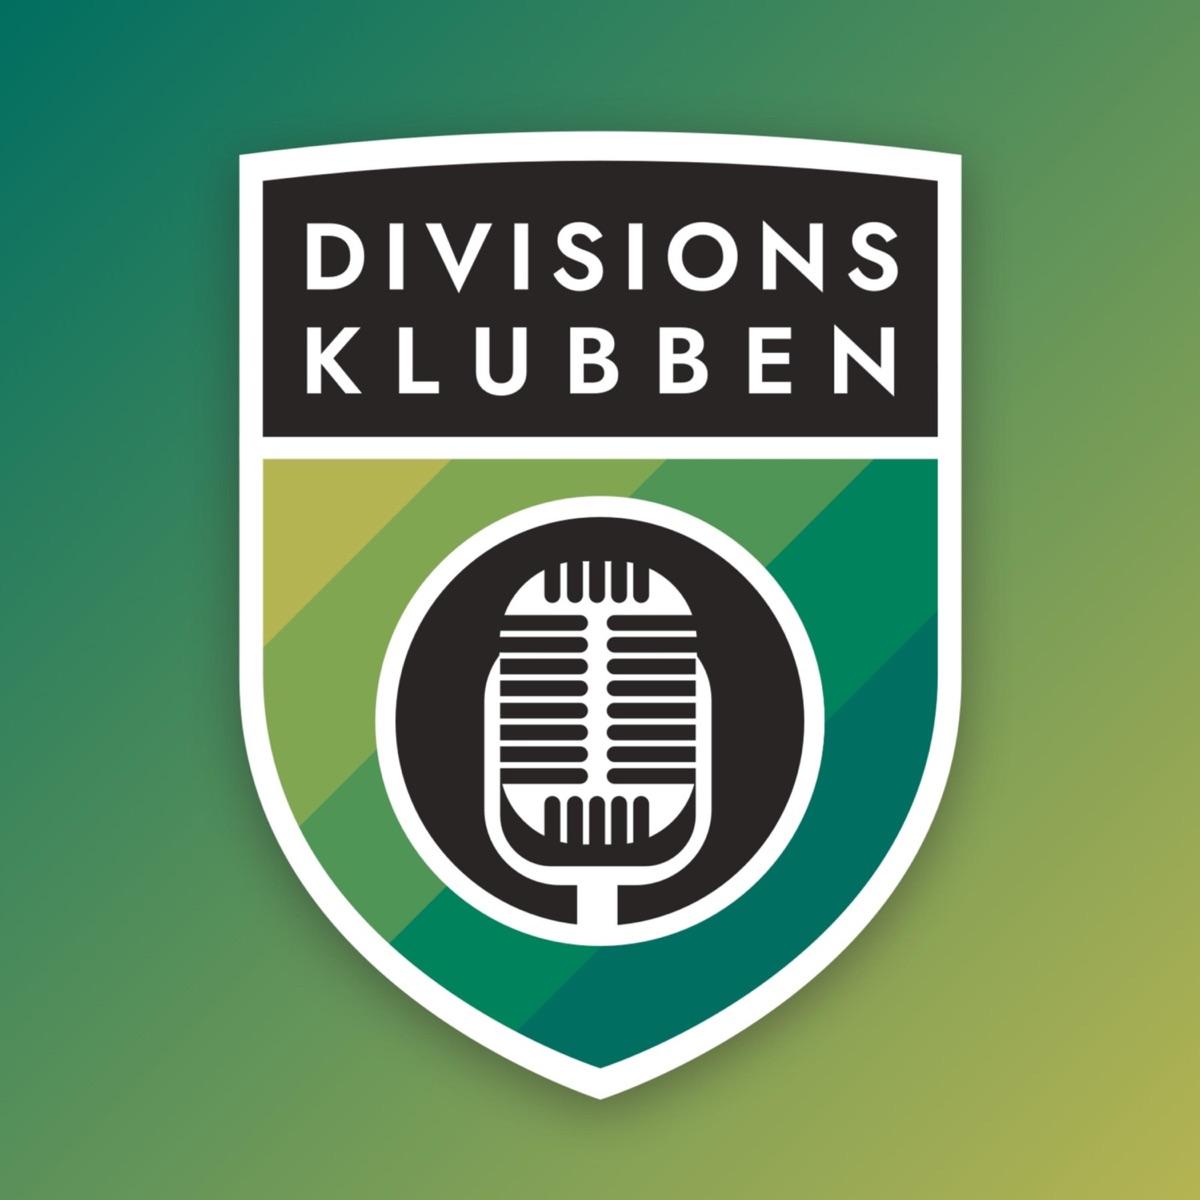 Divisionsklubben